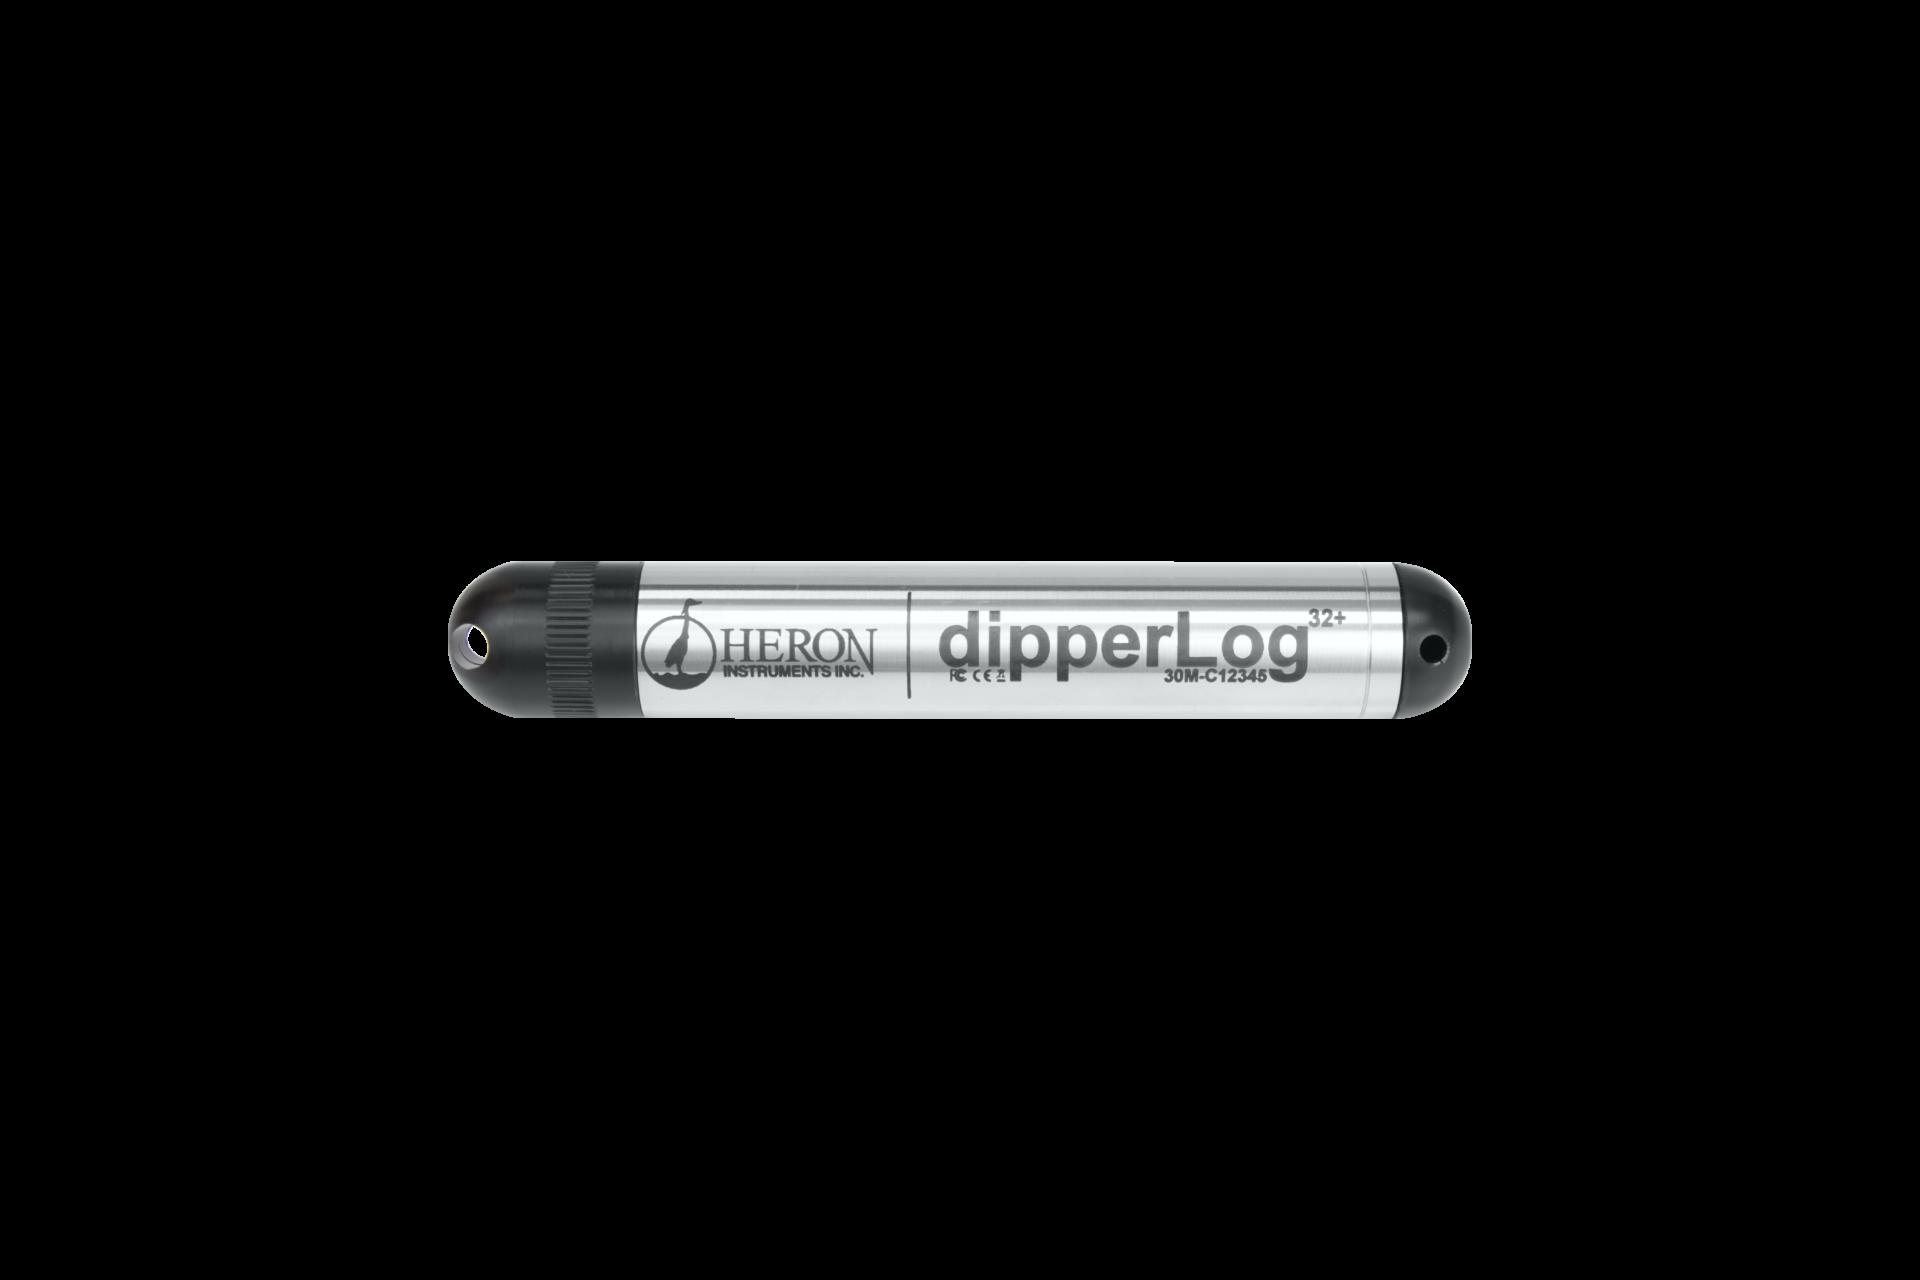 dipperLog